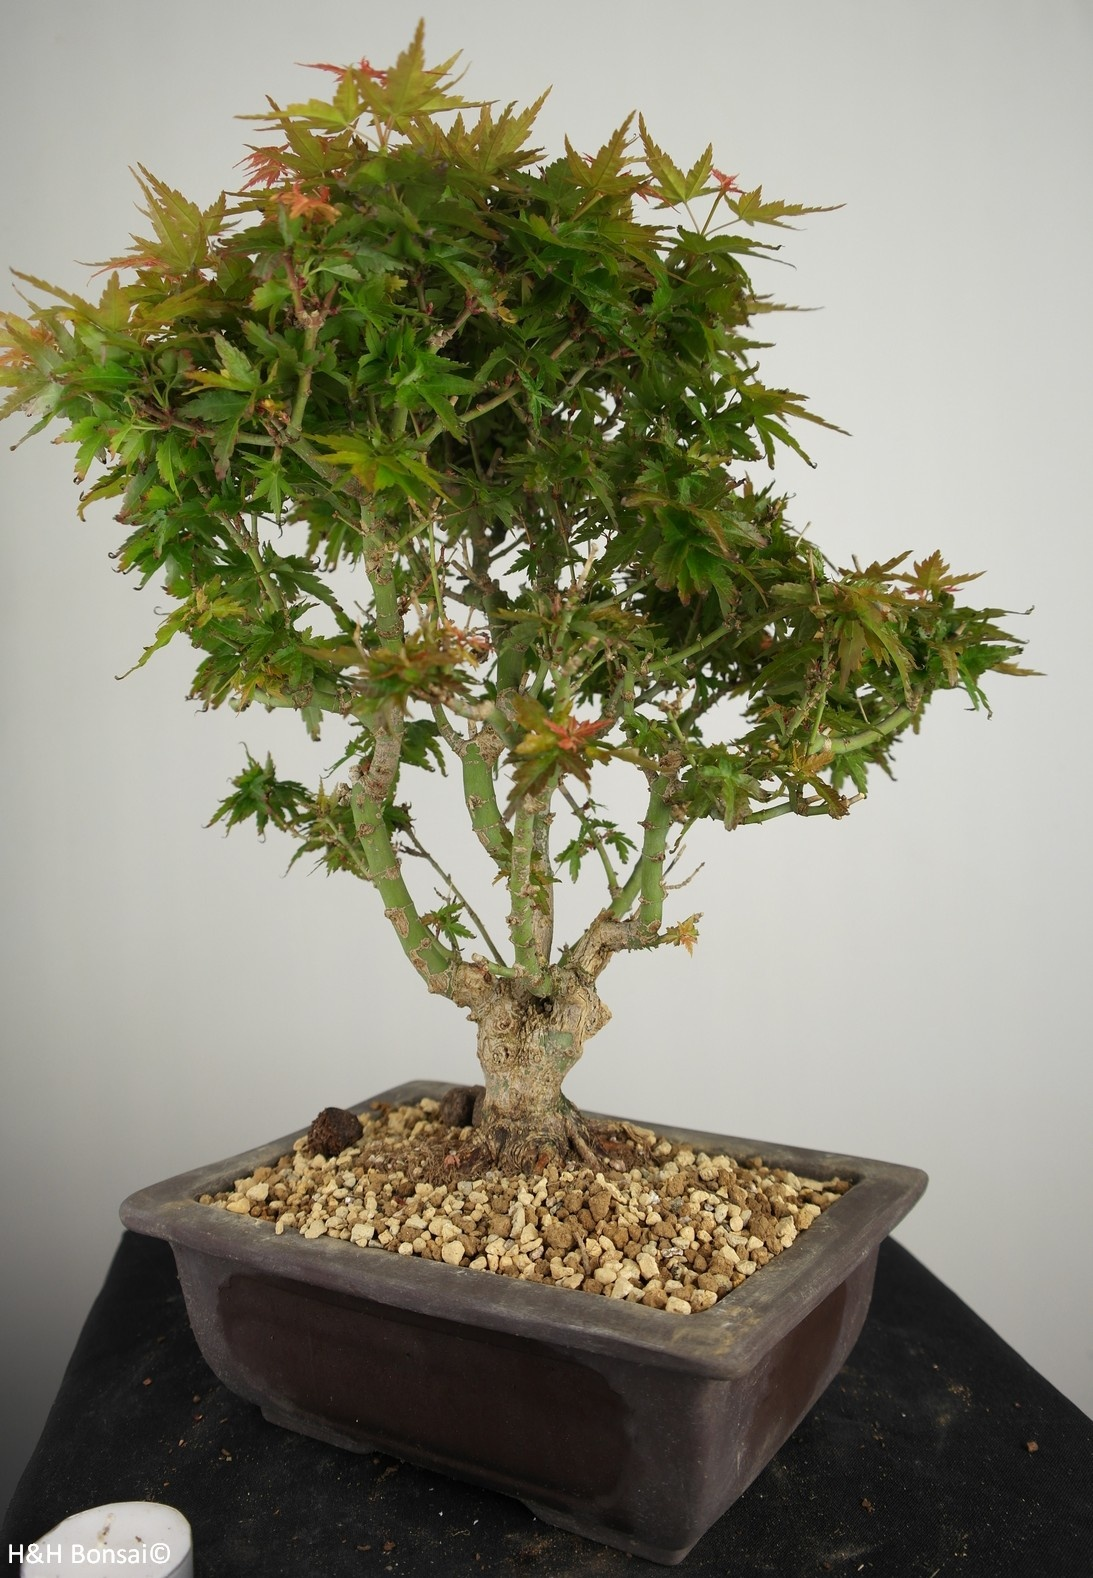 Bonsai Arce palmatum Kotohime, Acer palmatum Kotohime, no. 7694